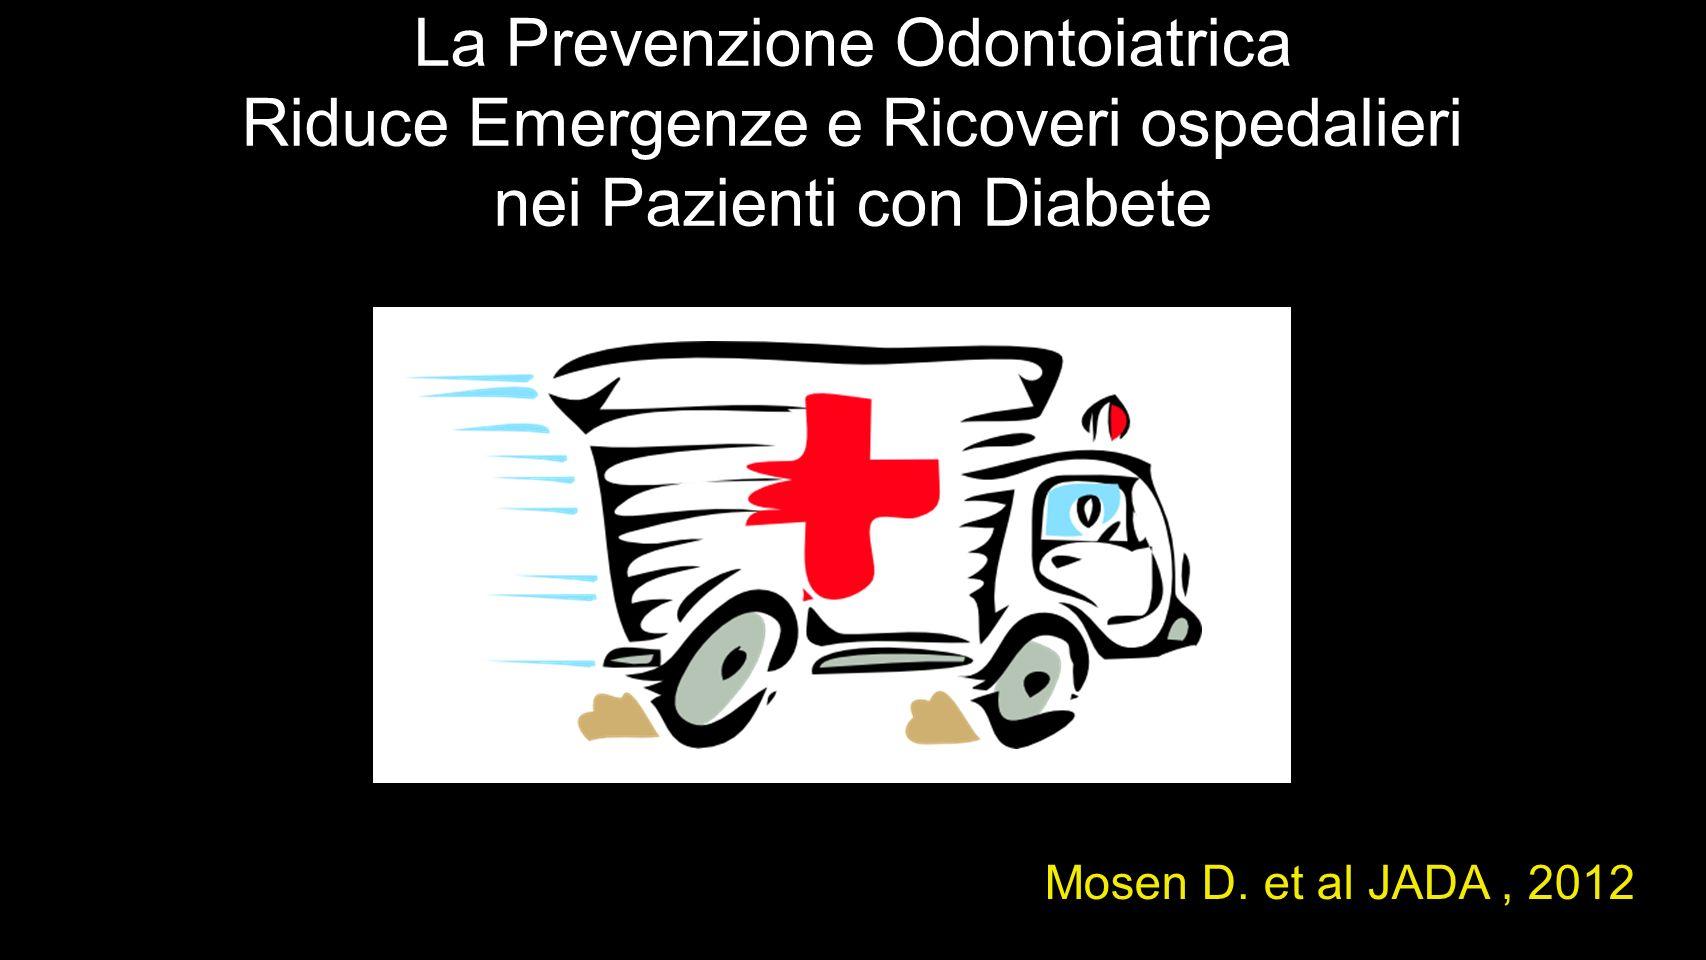 La Prevenzione Odontoiatrica Riduce Emergenze e Ricoveri ospedalieri nei Pazienti con Diabete